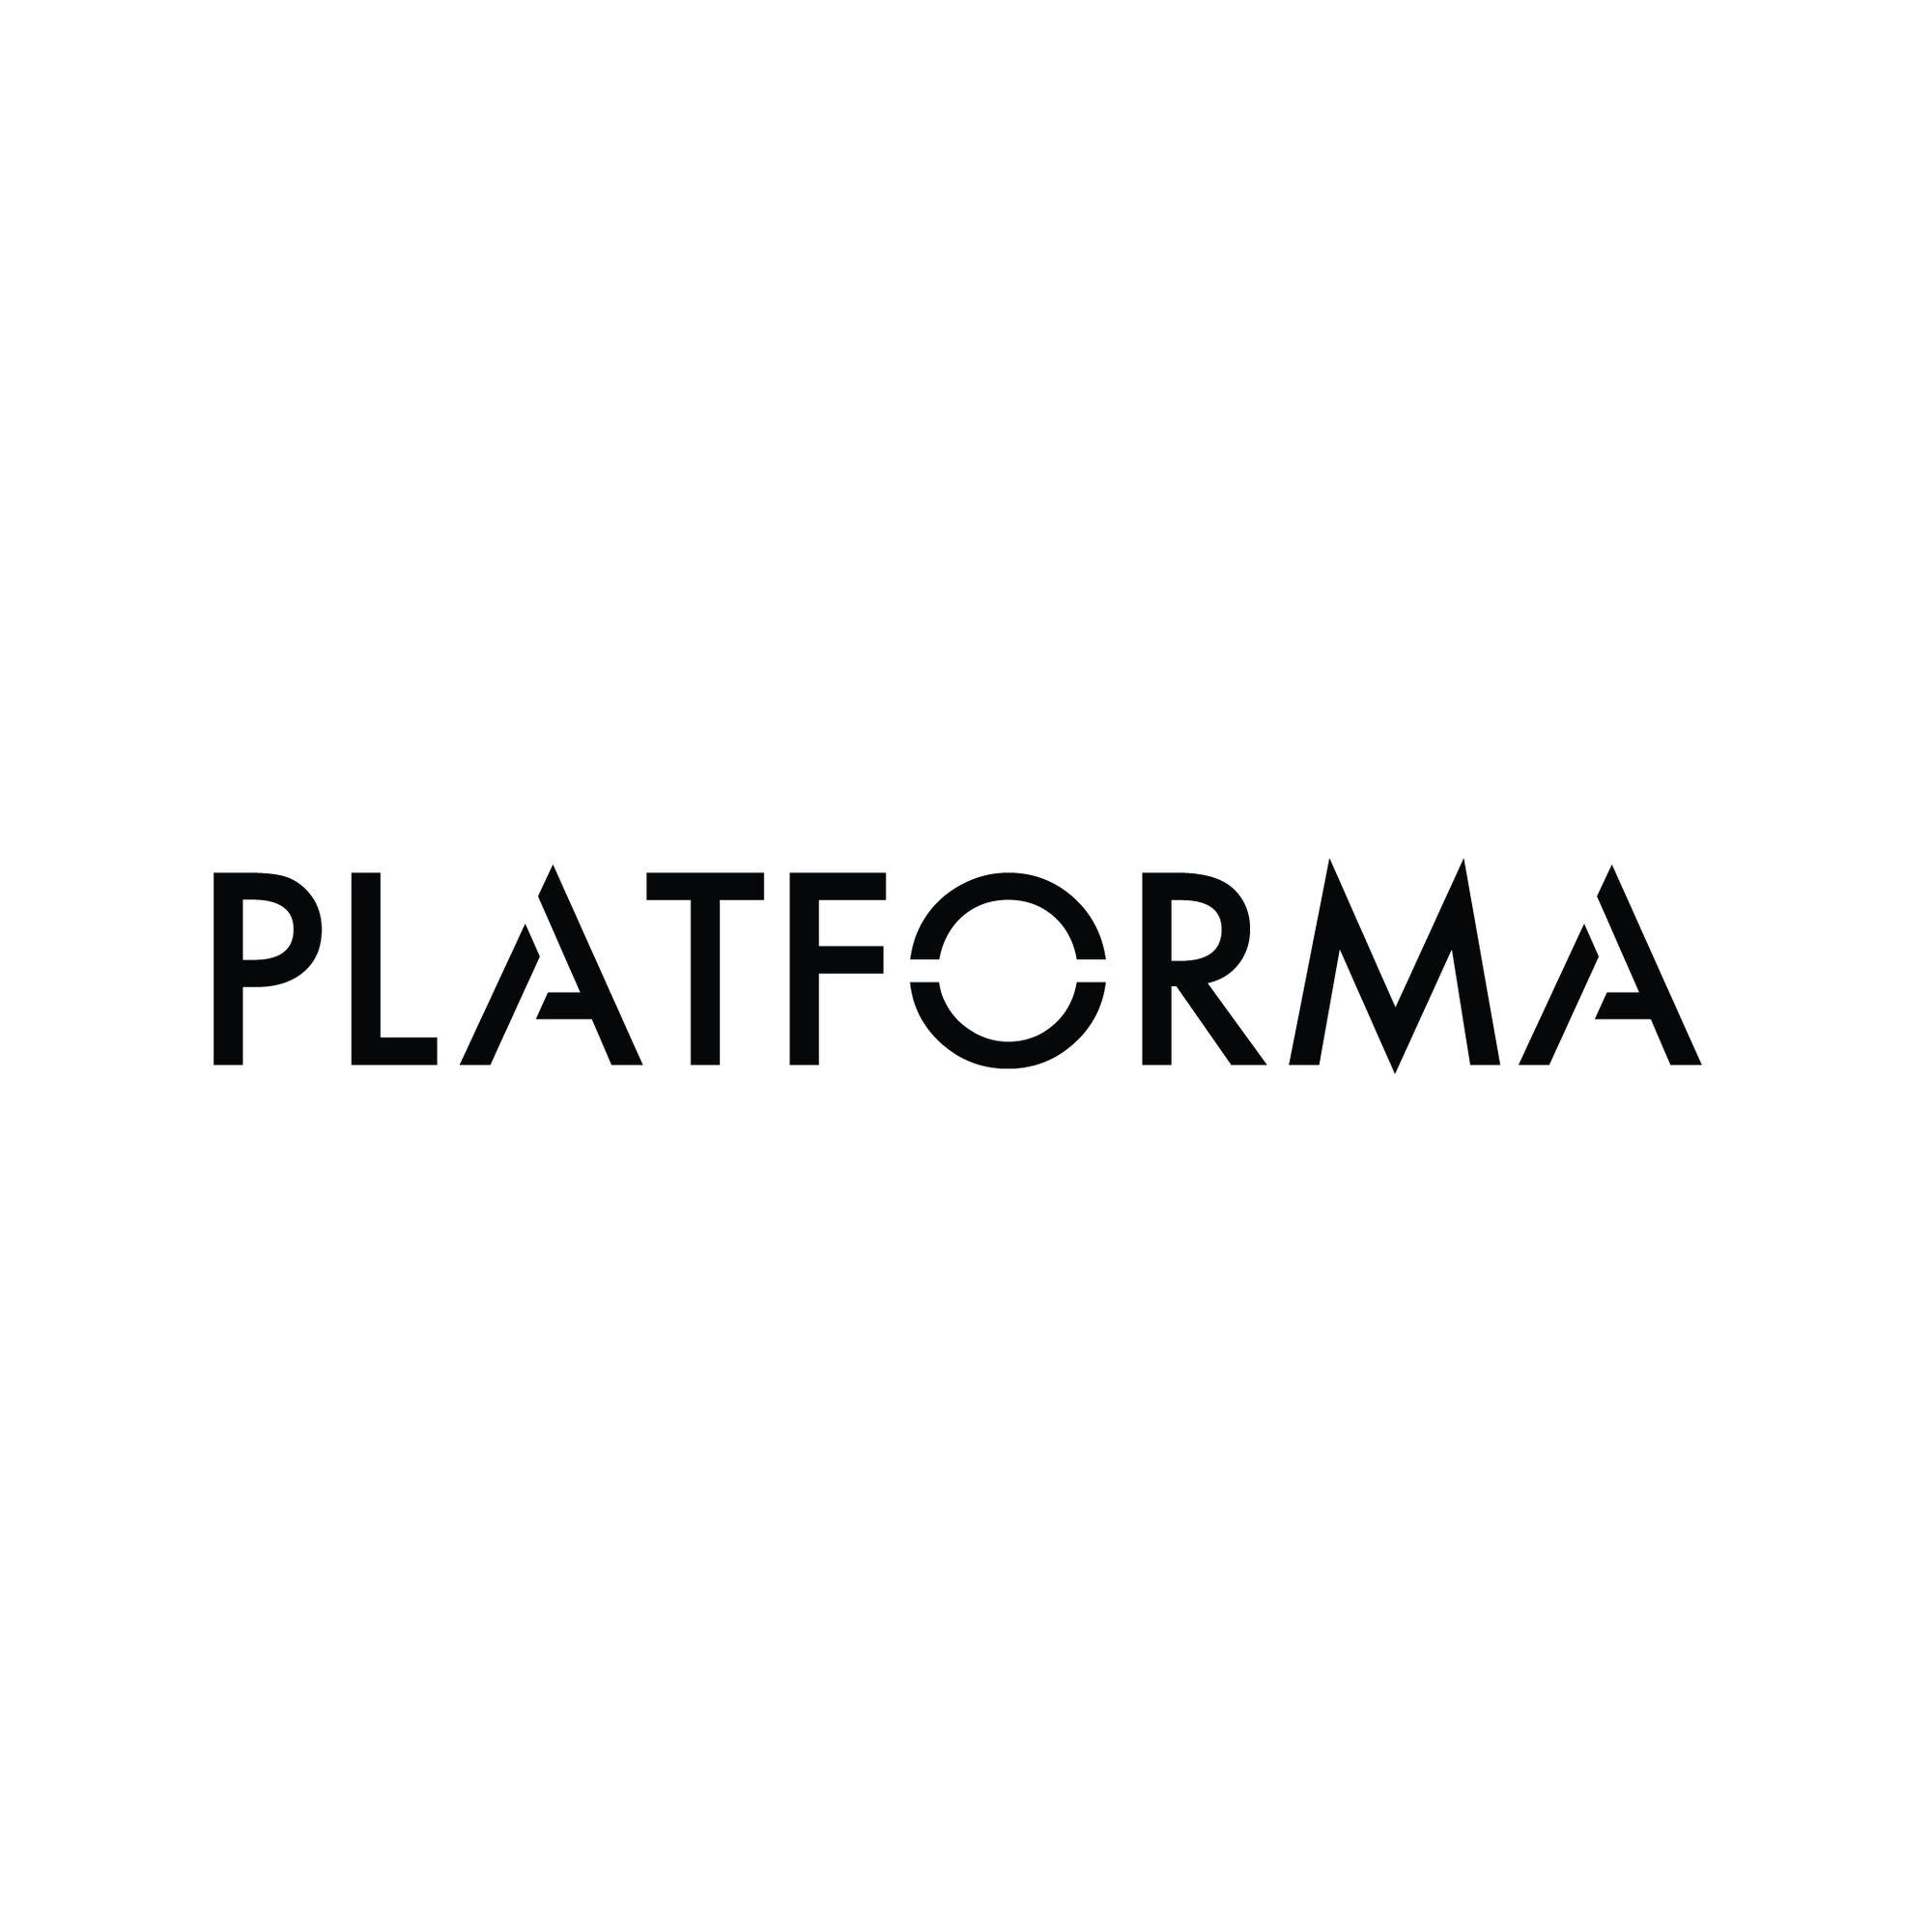 Platforma d.o.o. Beograd - Vračar